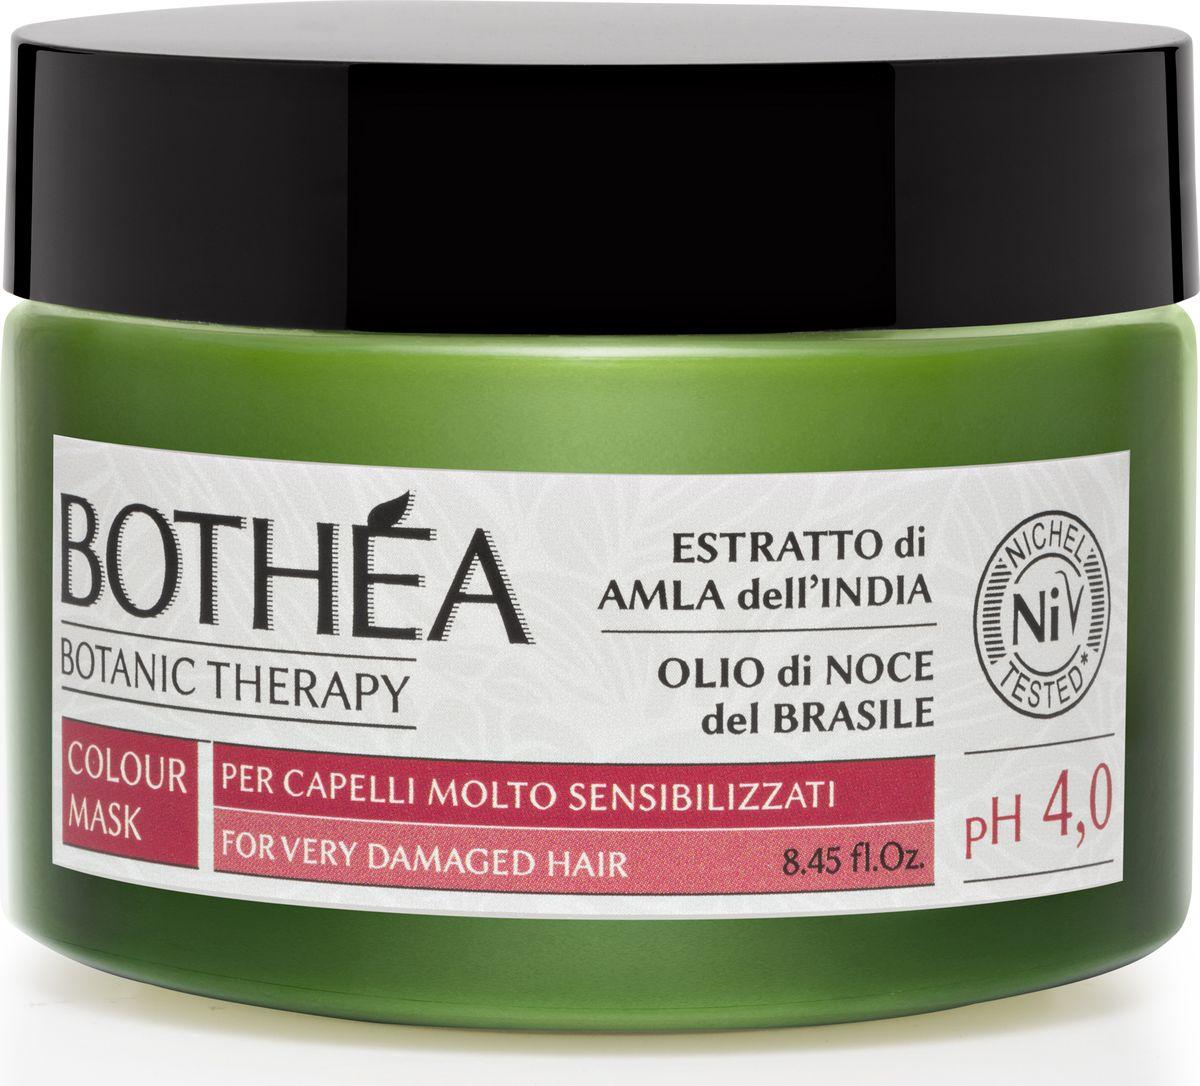 Bothea Маска для поврежденных волос Mask For Slightly Damaged Hair pH 4.0 - 250 млBT00009Кондиционирующее действие по восстановлению влаги, формула закрывает чешуйки волос, обеспечивая превосходное отражение света. Более того, маска мгновенно смягчает кутикулу и облегчает расчесывание волос.